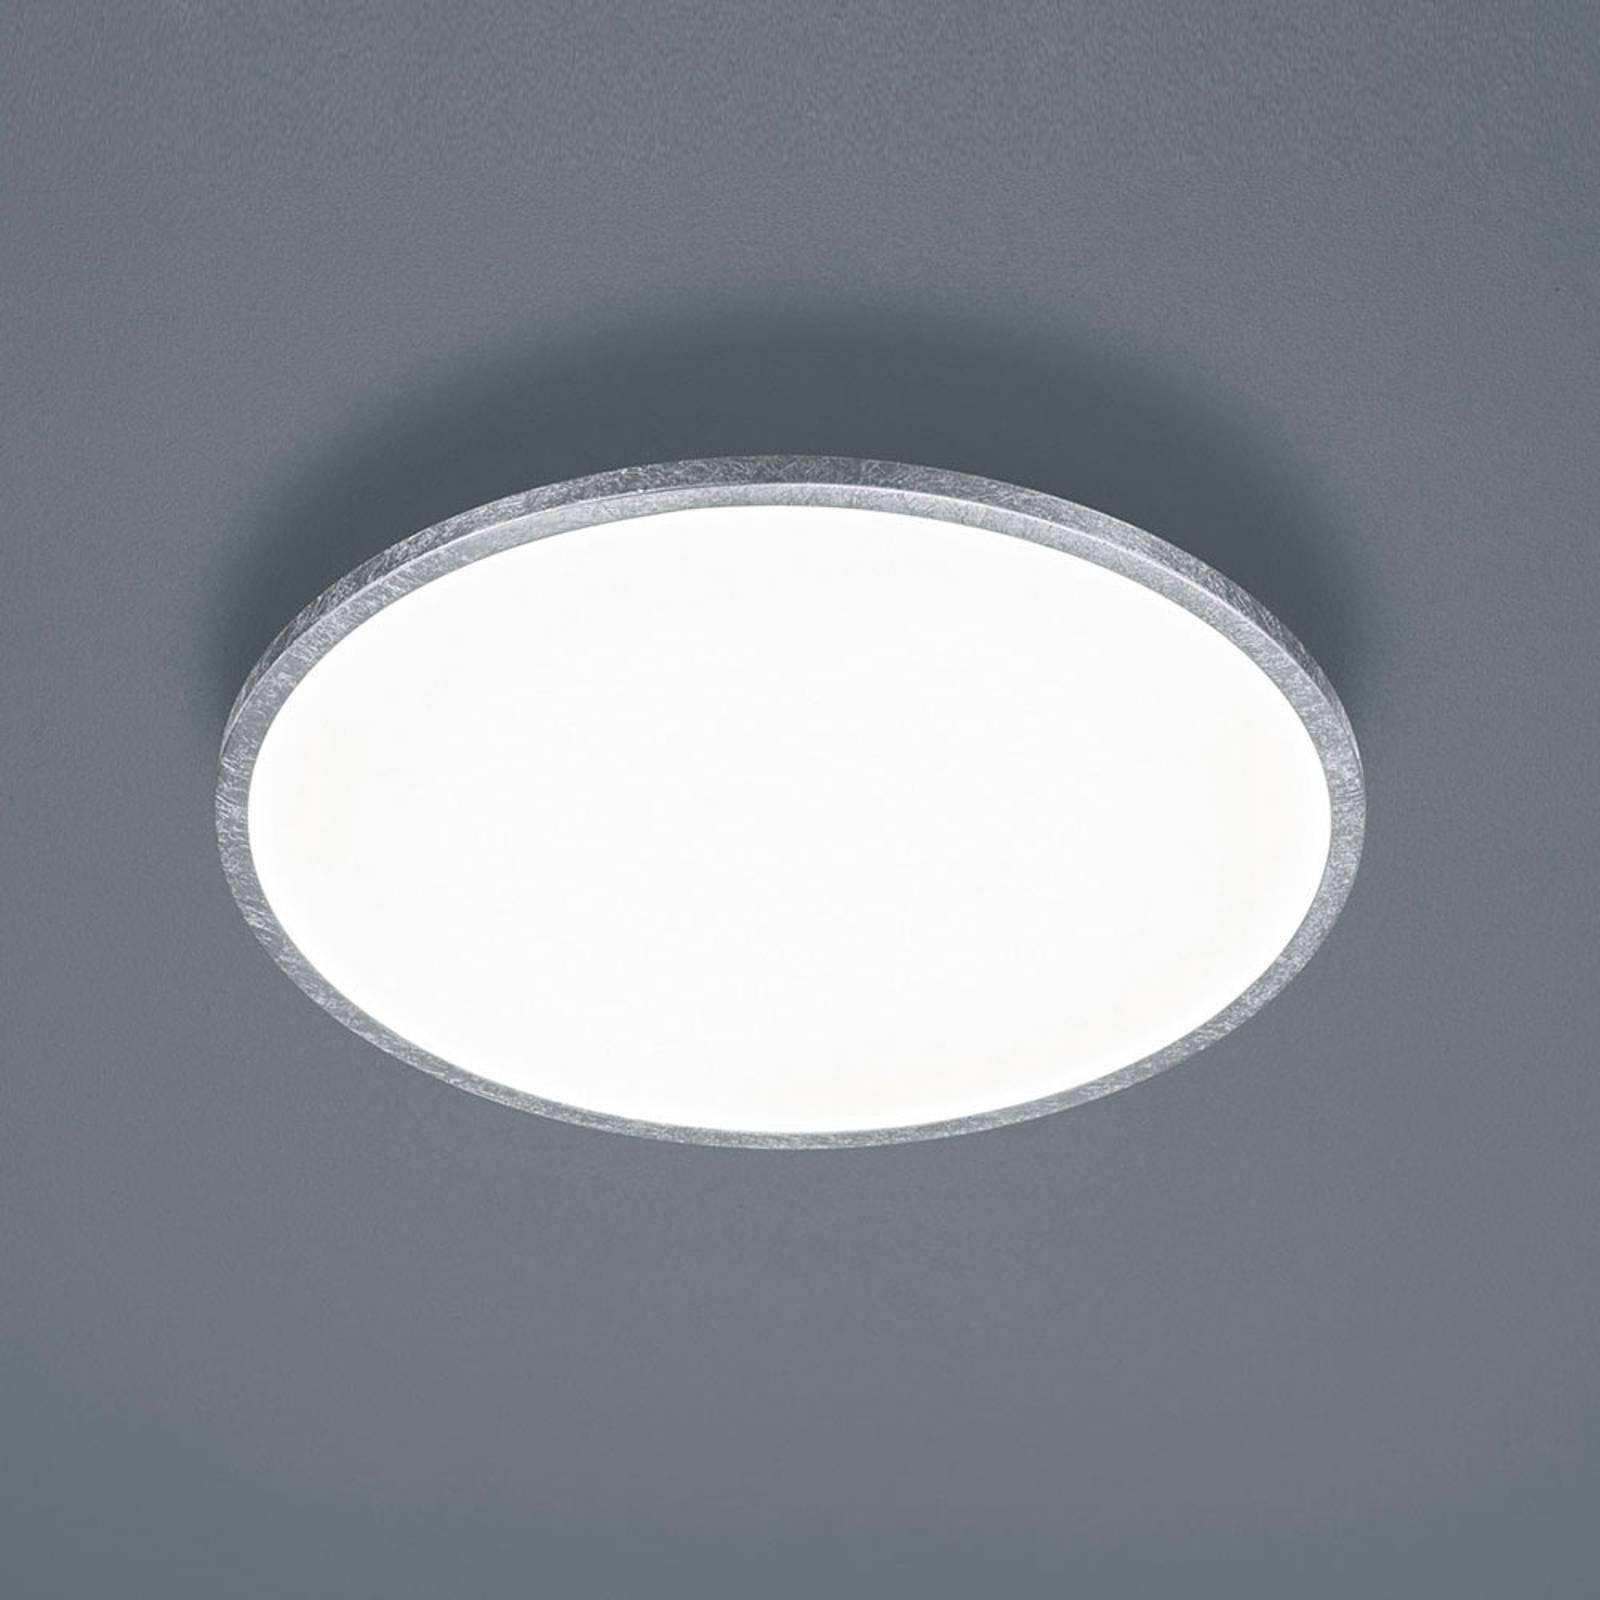 Helestra Rack LED-taklampe, dimbar, rund, sølv